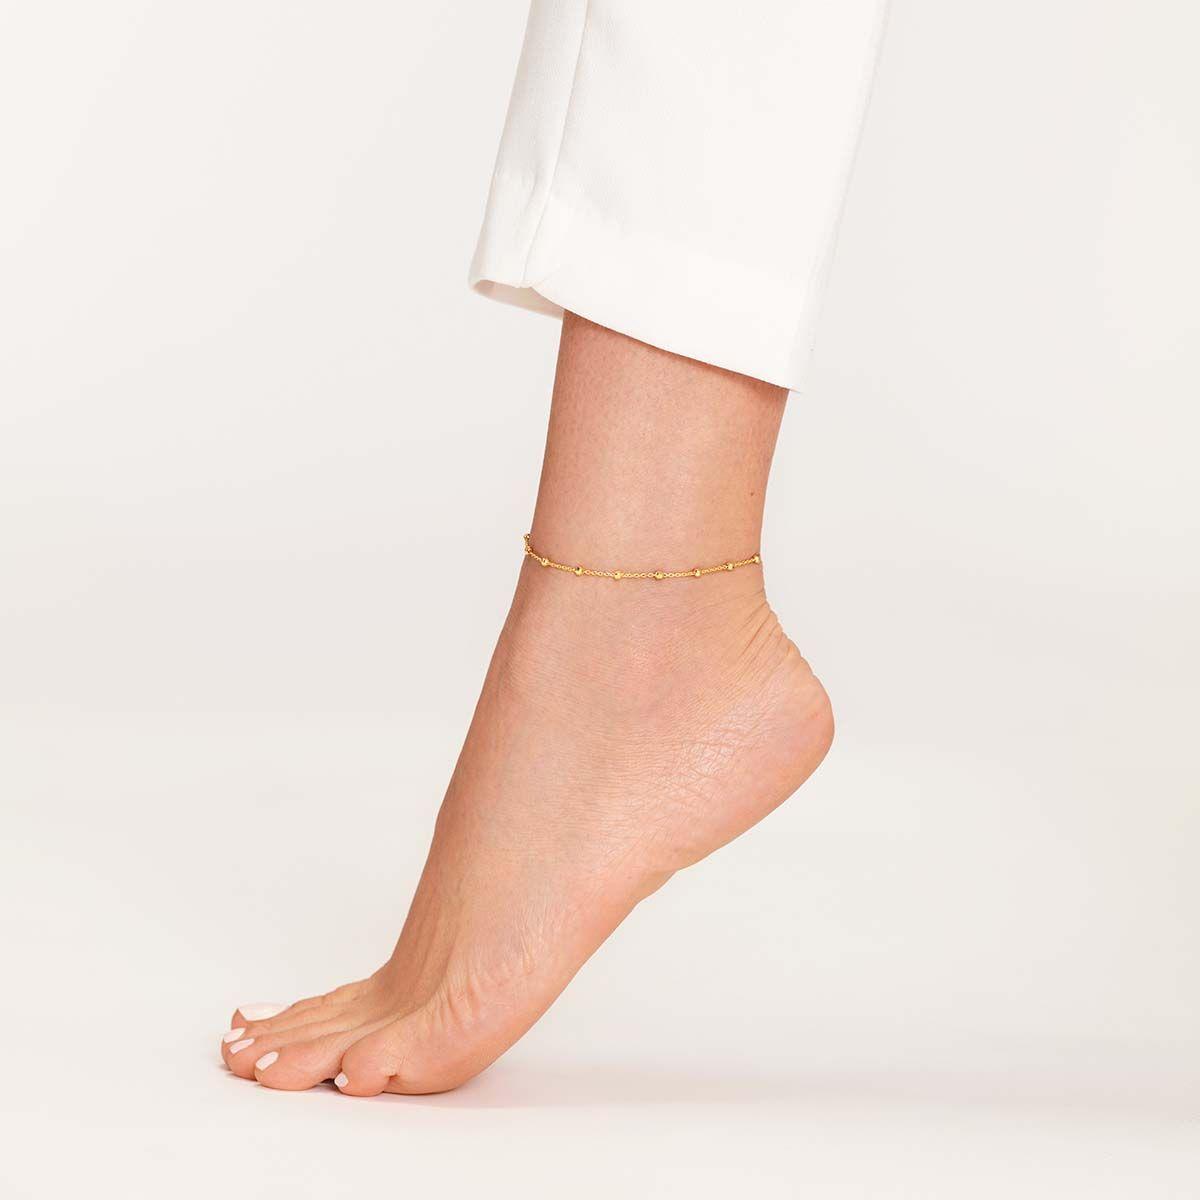 Elena - Körperschmuck - 18k vergoldet